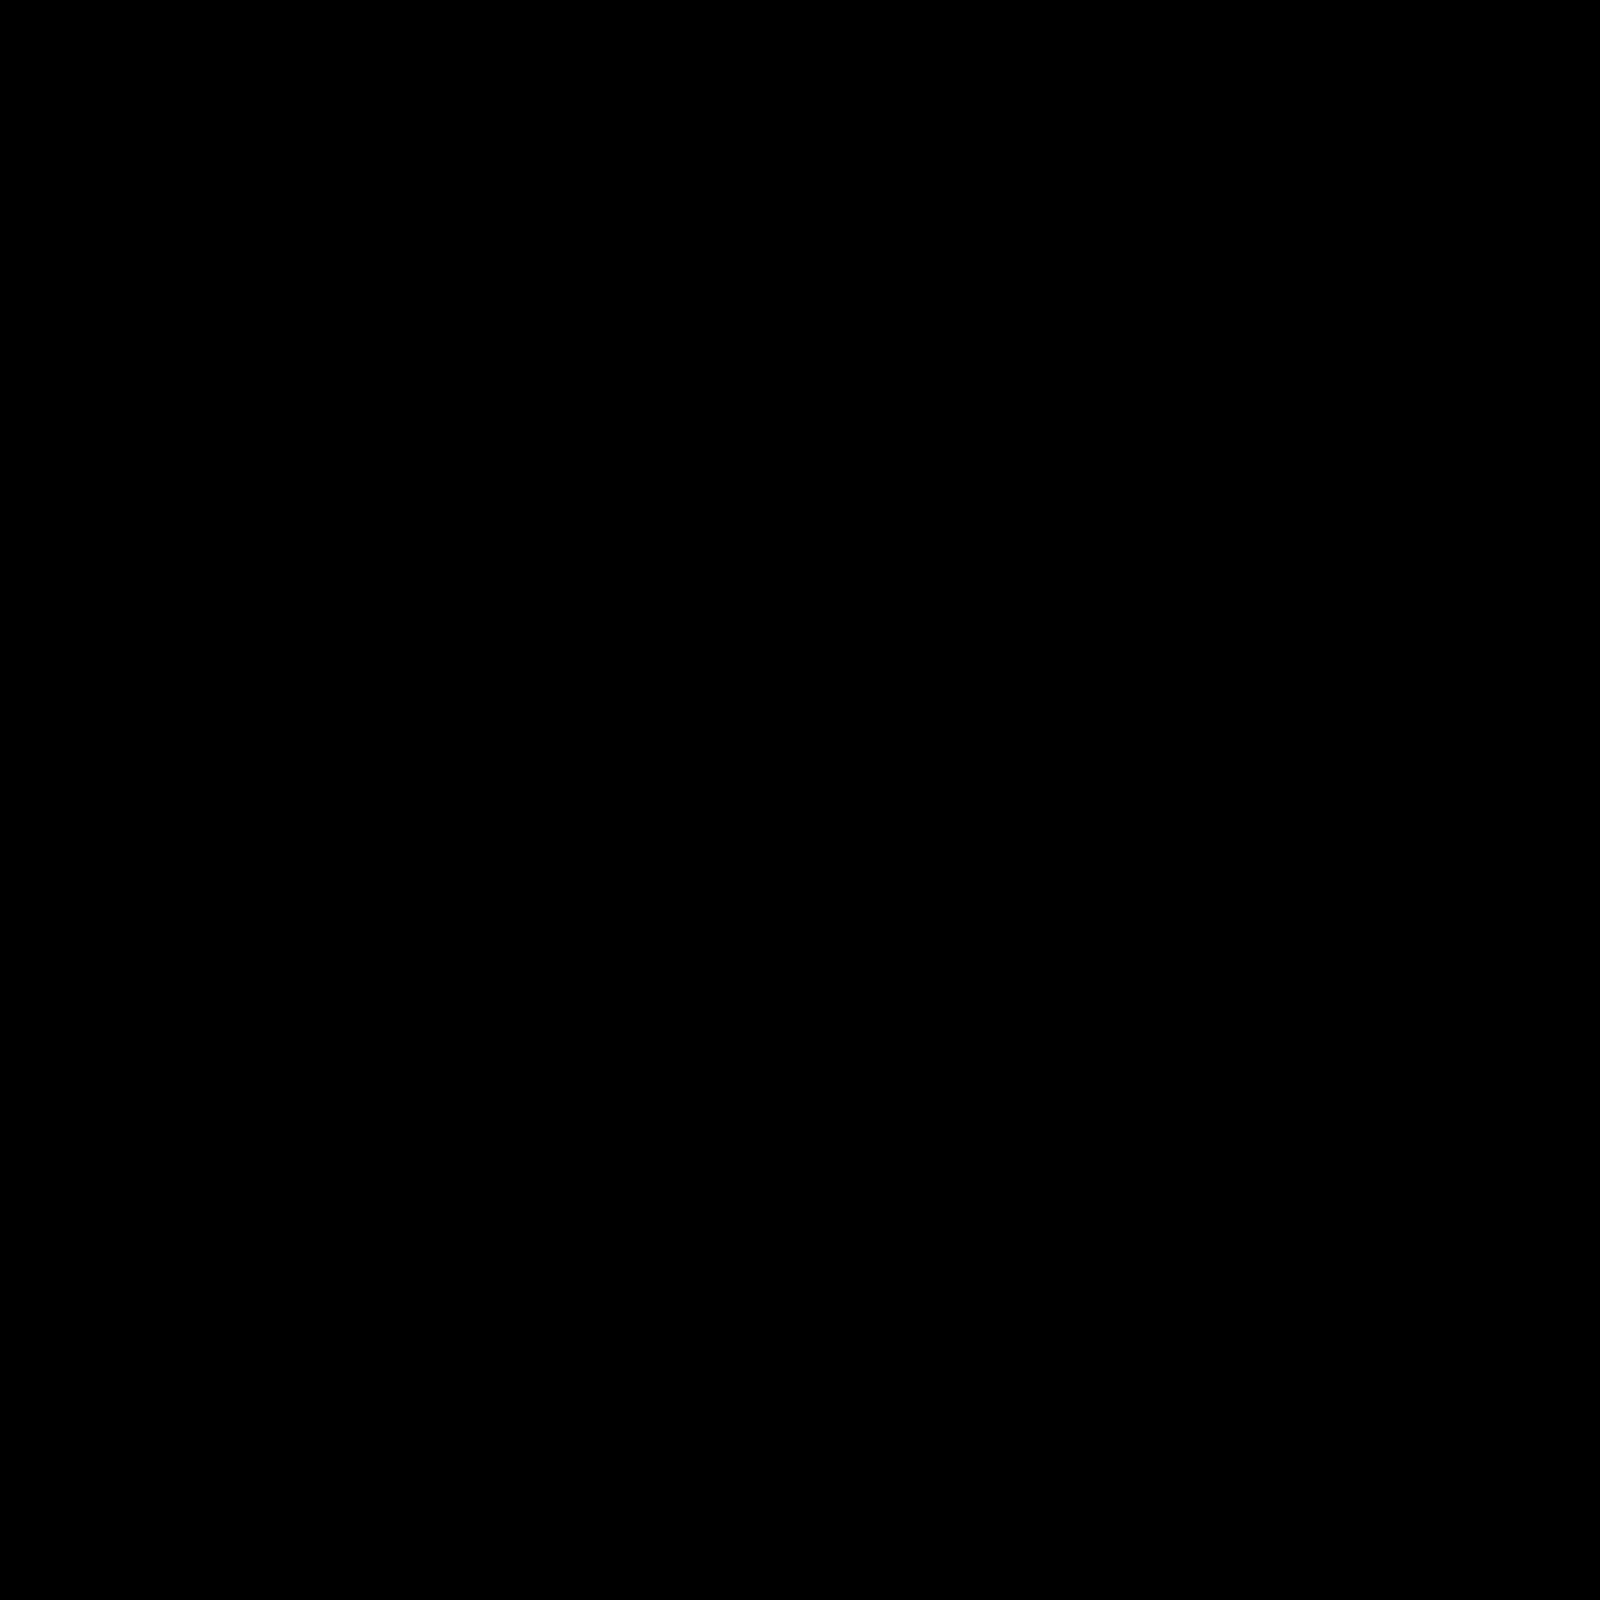 消防士男性 icon. This is an image of a firefighter. The firefighter has no physical characteristics on it, it has a blank face. The firefighter is wearing a helmet on top of its head with a small badge in the center of the helmet.